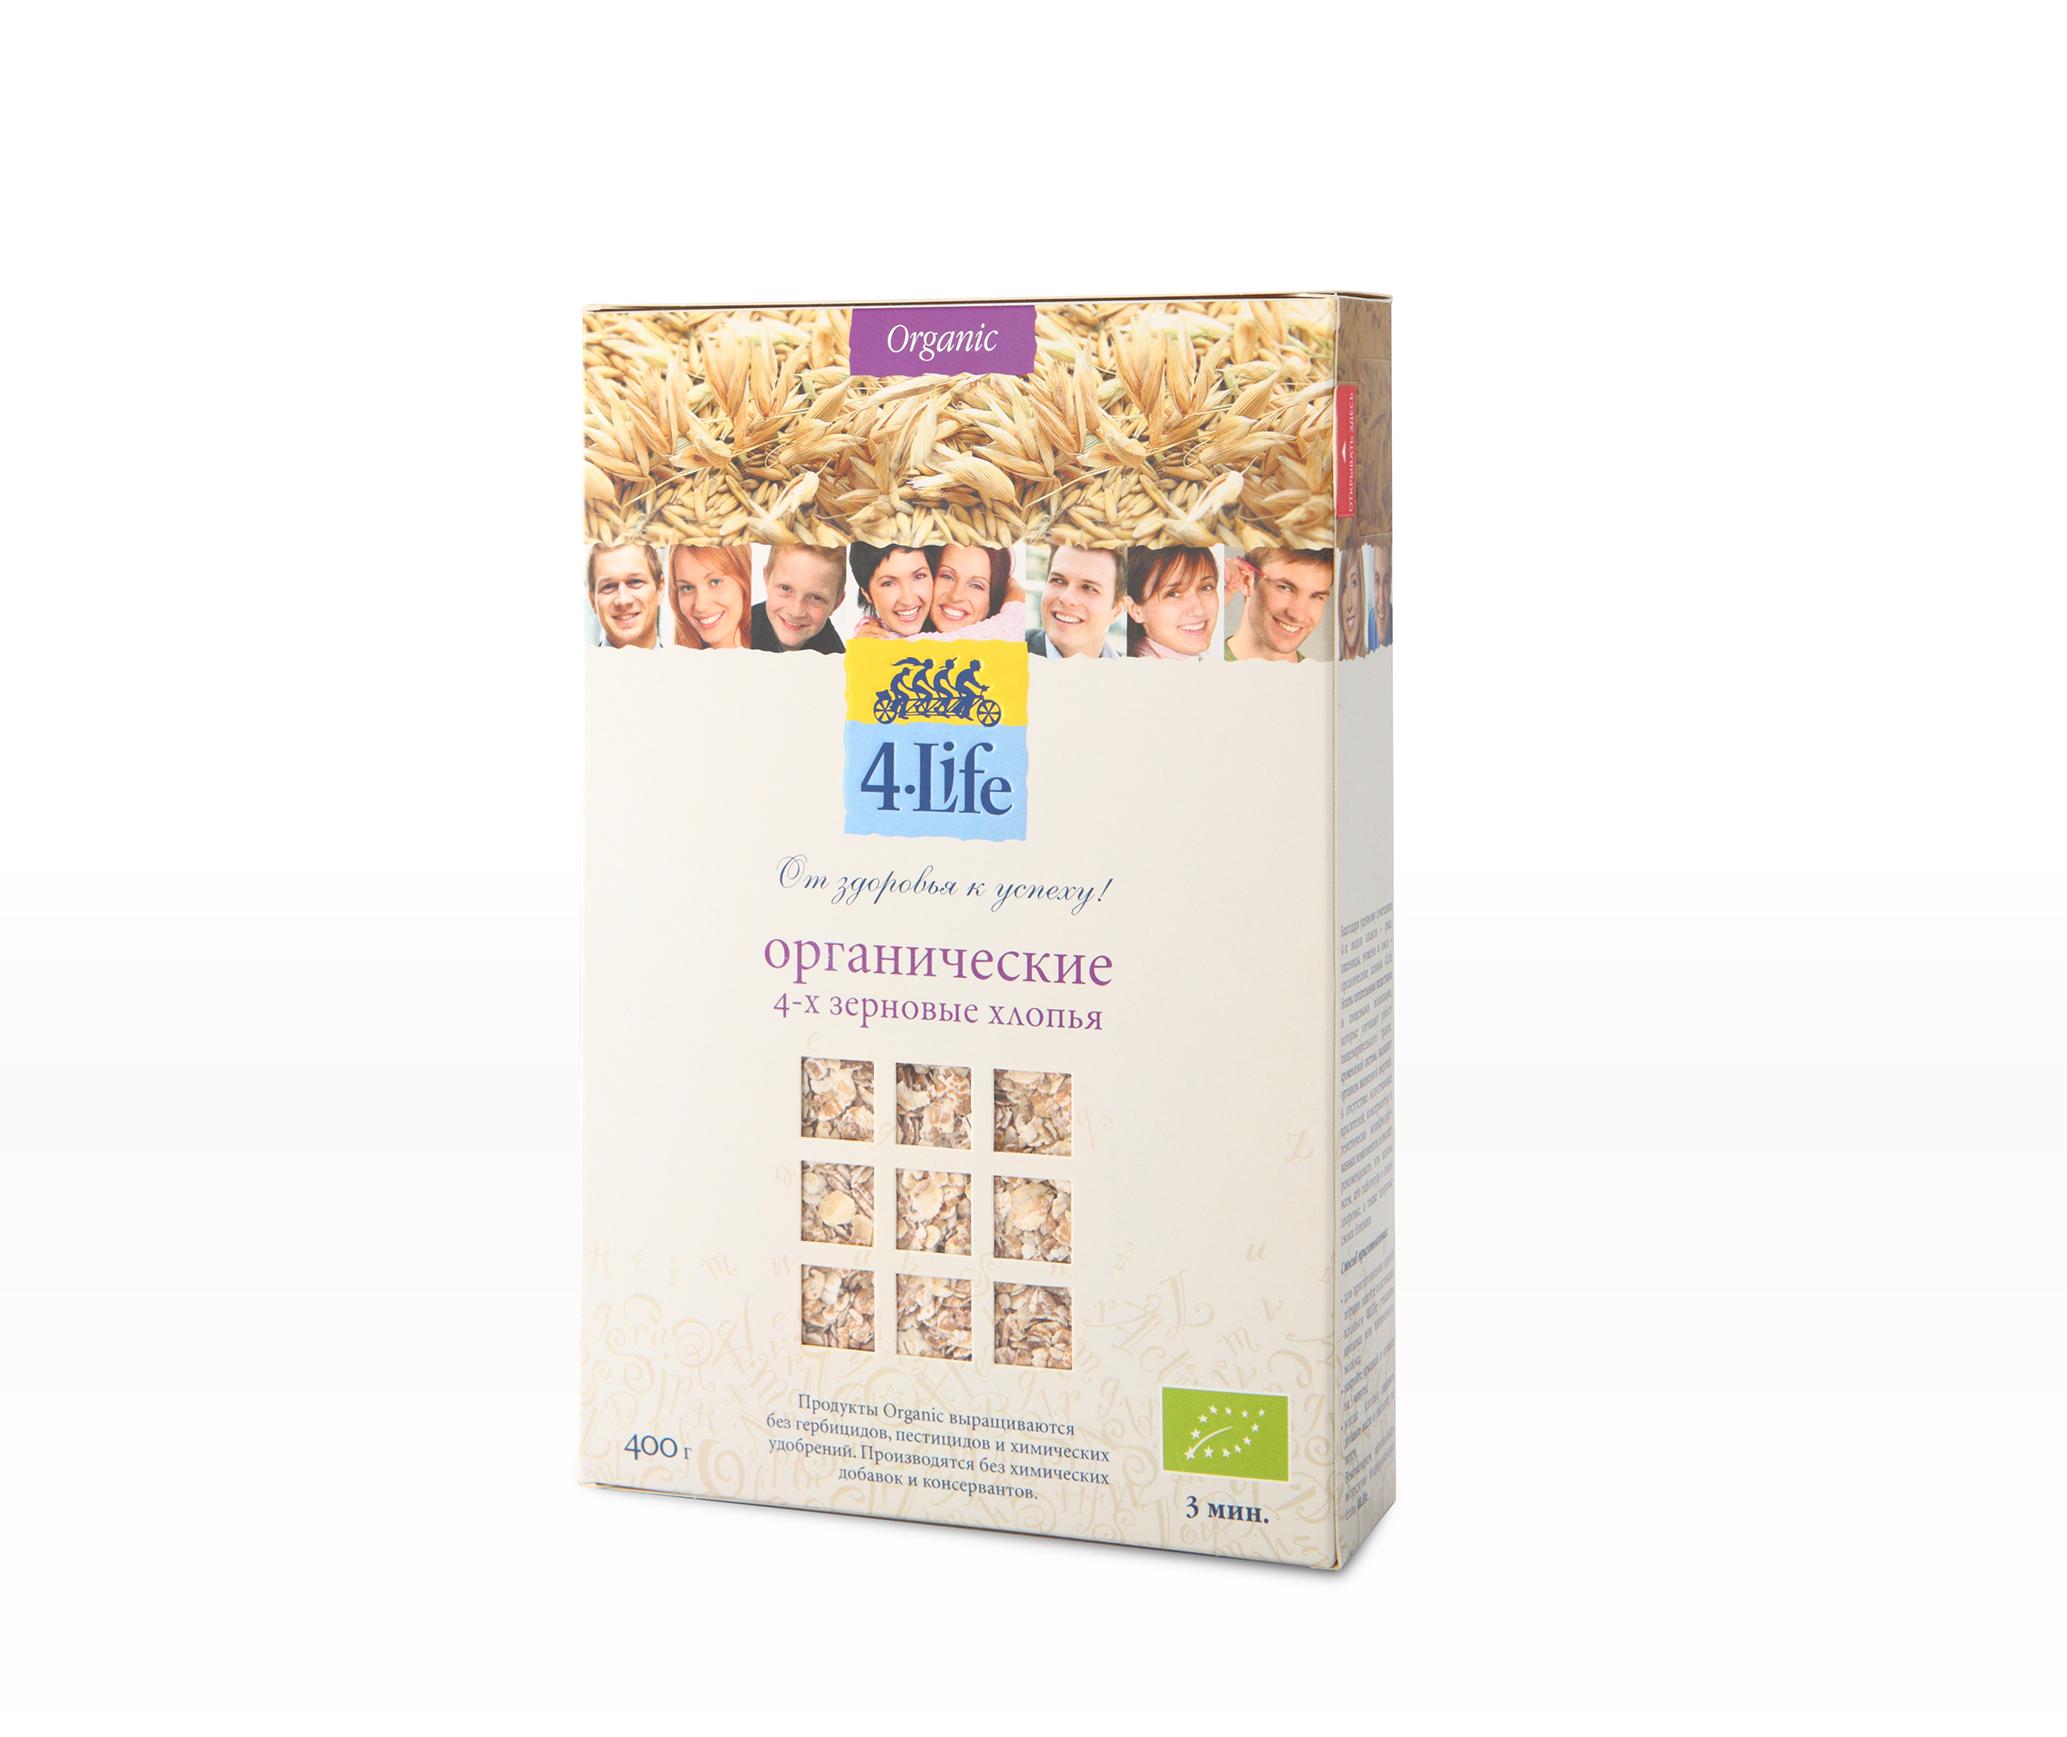 Хлопья 4-х зерновые, 400г из цельного зерна, органические, 4 Life